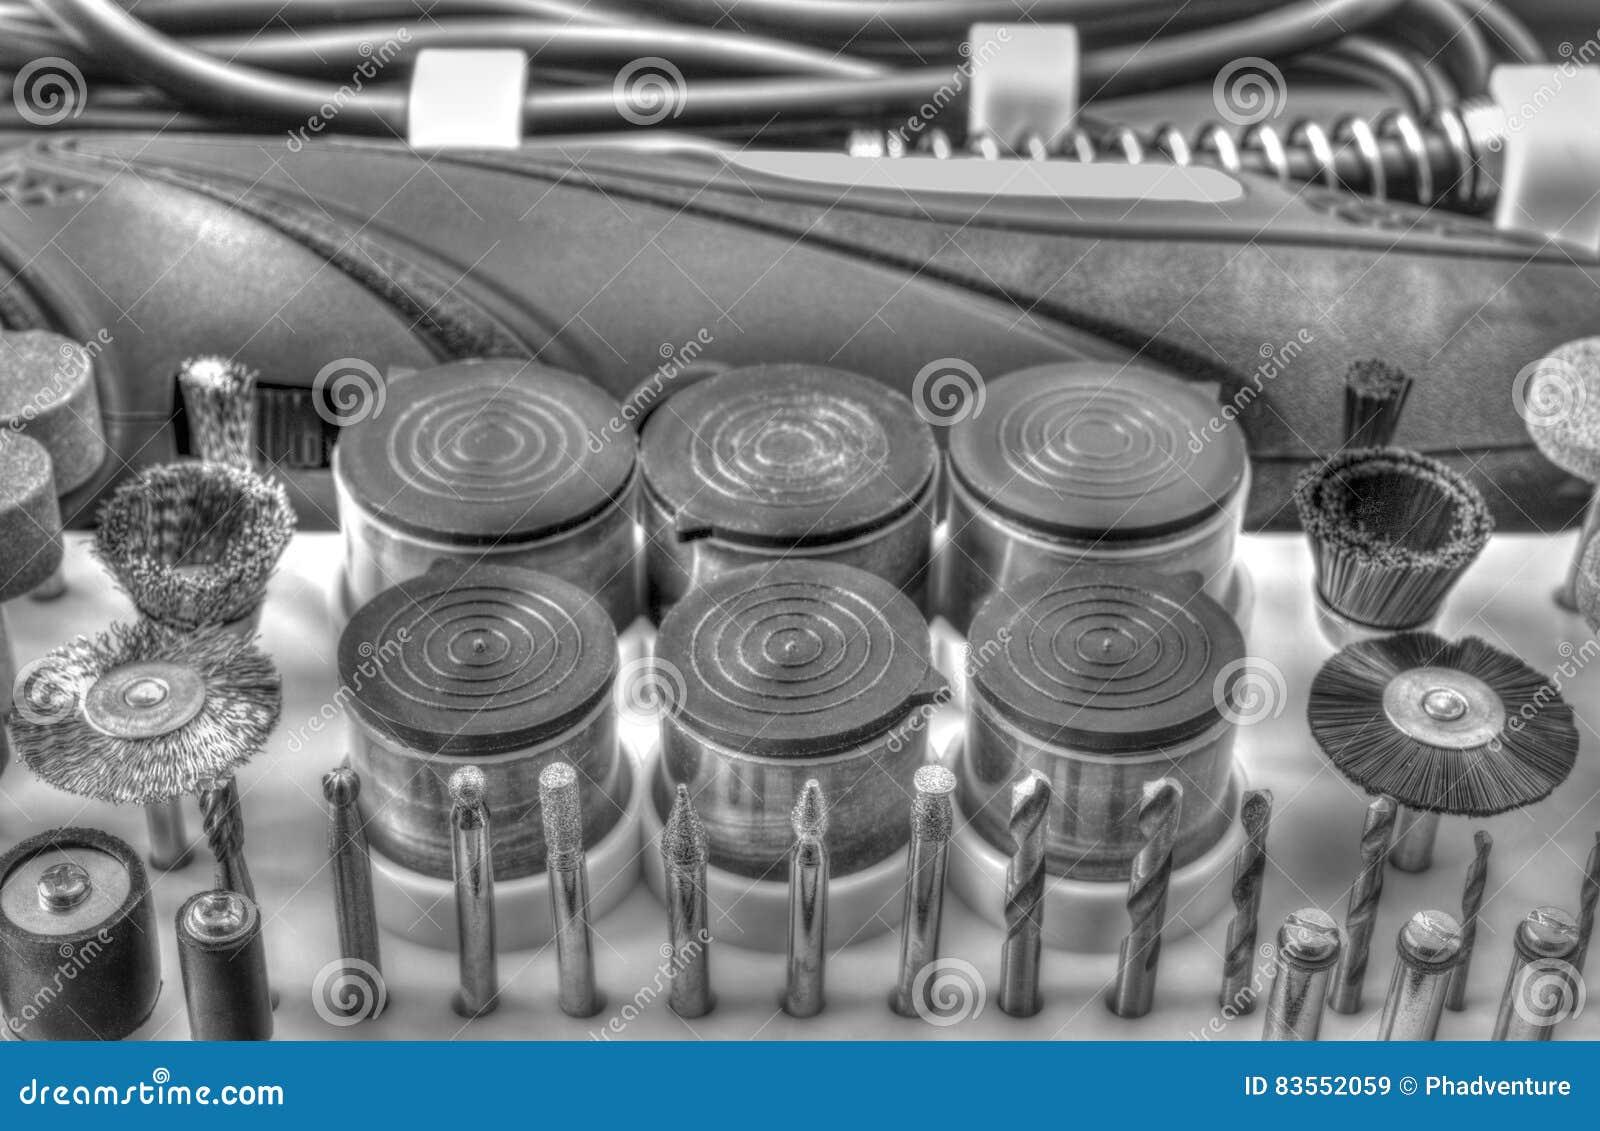 Mini macchina del trapano con l 39 insieme degli accessori for Accessori macchina